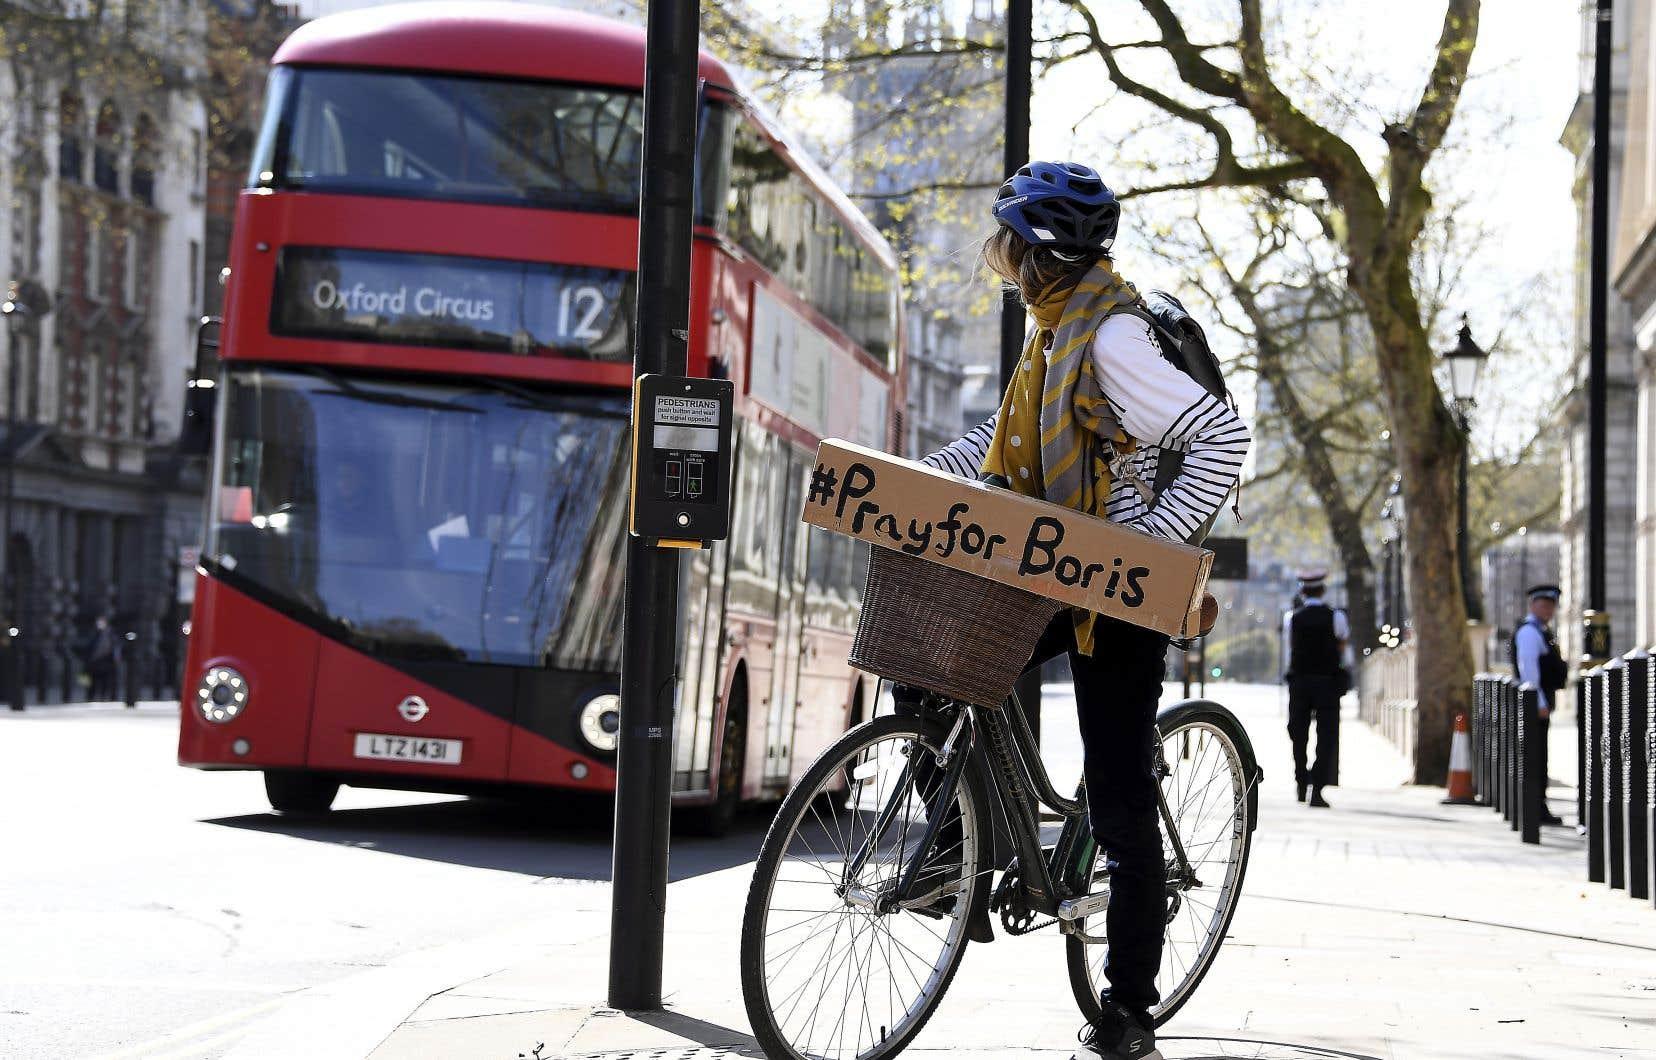 Atteint de la COVID-19, le premier ministre britannique, Boris Johnson, a été transféré aux soins intensifs de l'hôpital londonien St Thomas lundi soir. Il est dans un état «stable» et «garde le moral».